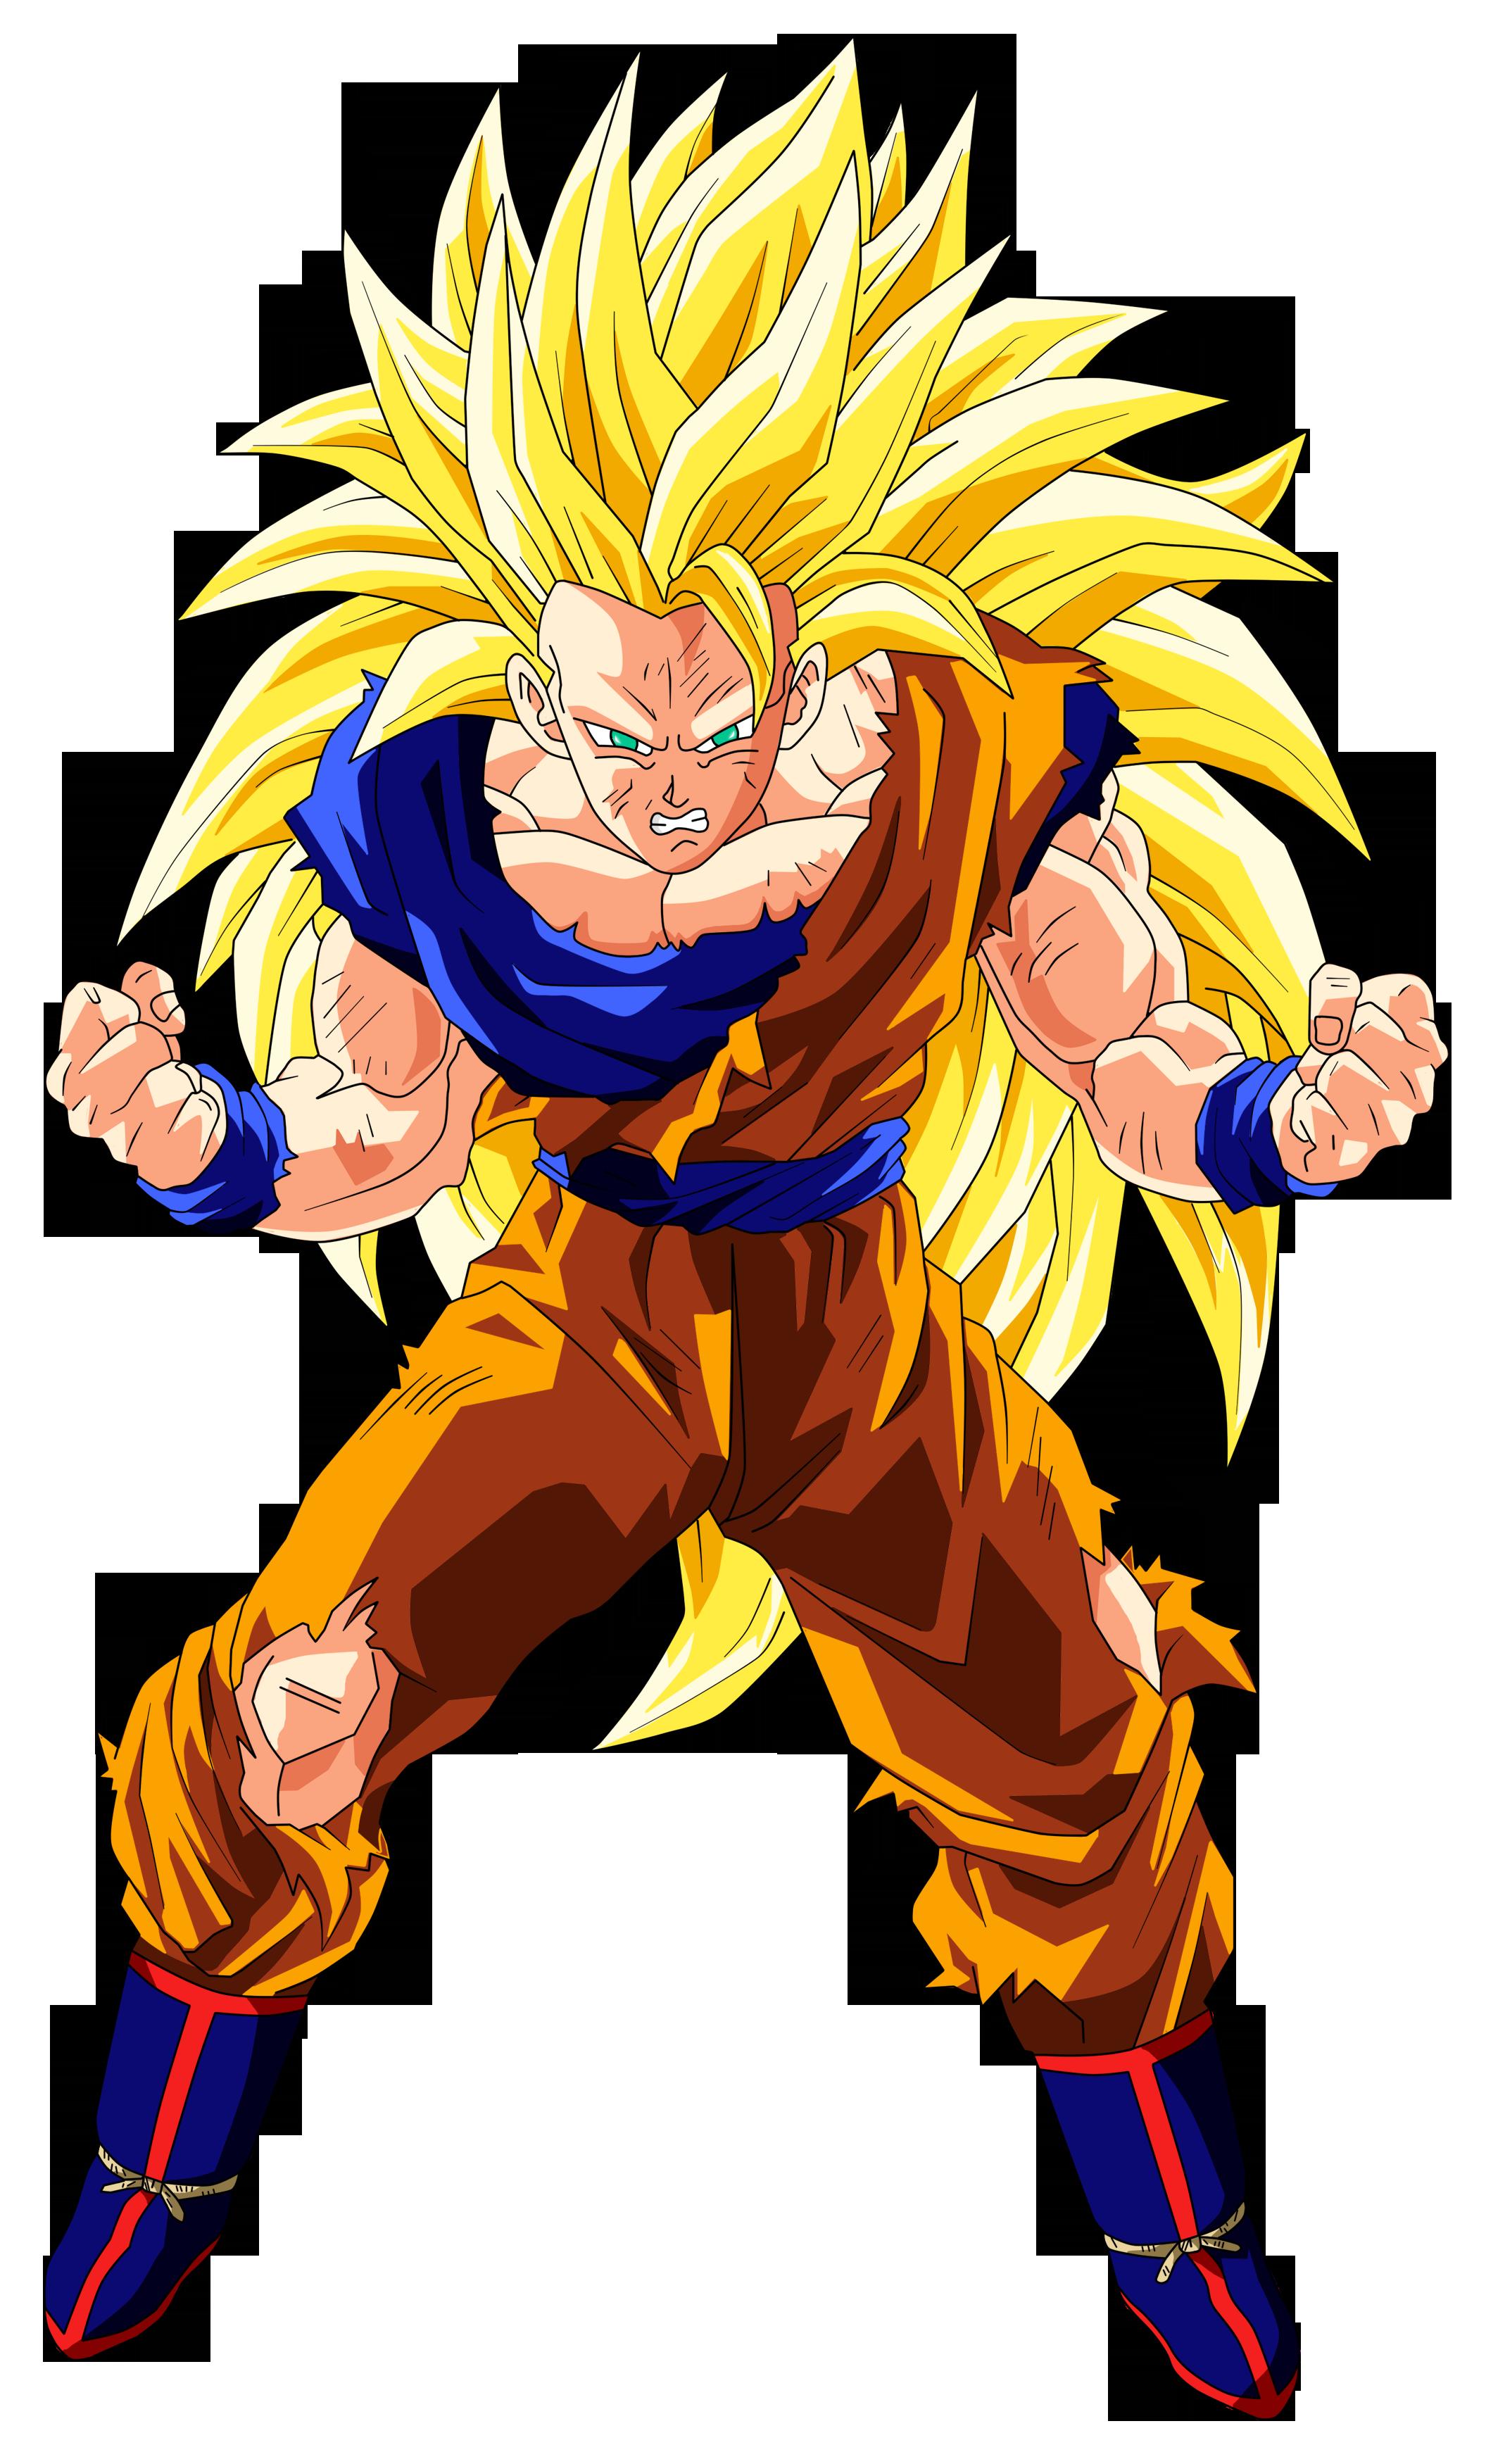 Goku super saiyan 3 by goku kakarot on deviantart - Dragon ball z super sayen ...